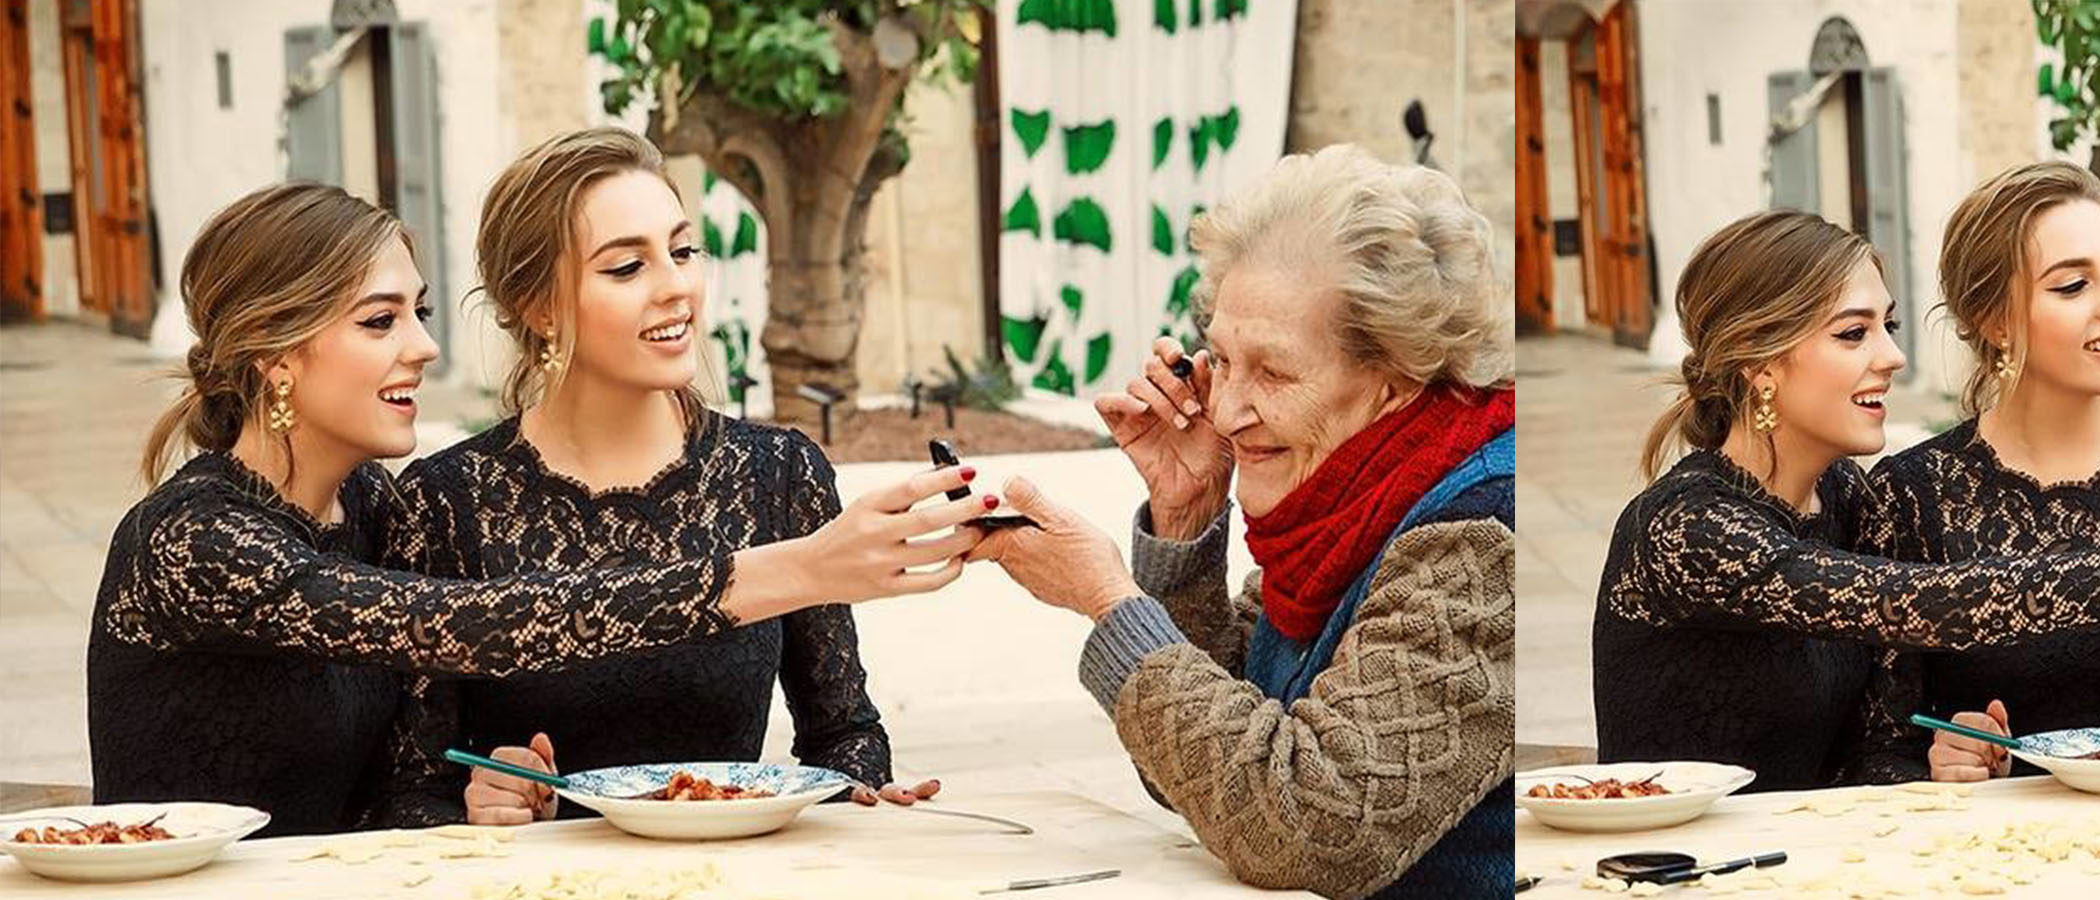 Las hijas de Sylvester Stallone protagonizan la nueva campaña de belleza de 'Dolce & Gabbana'